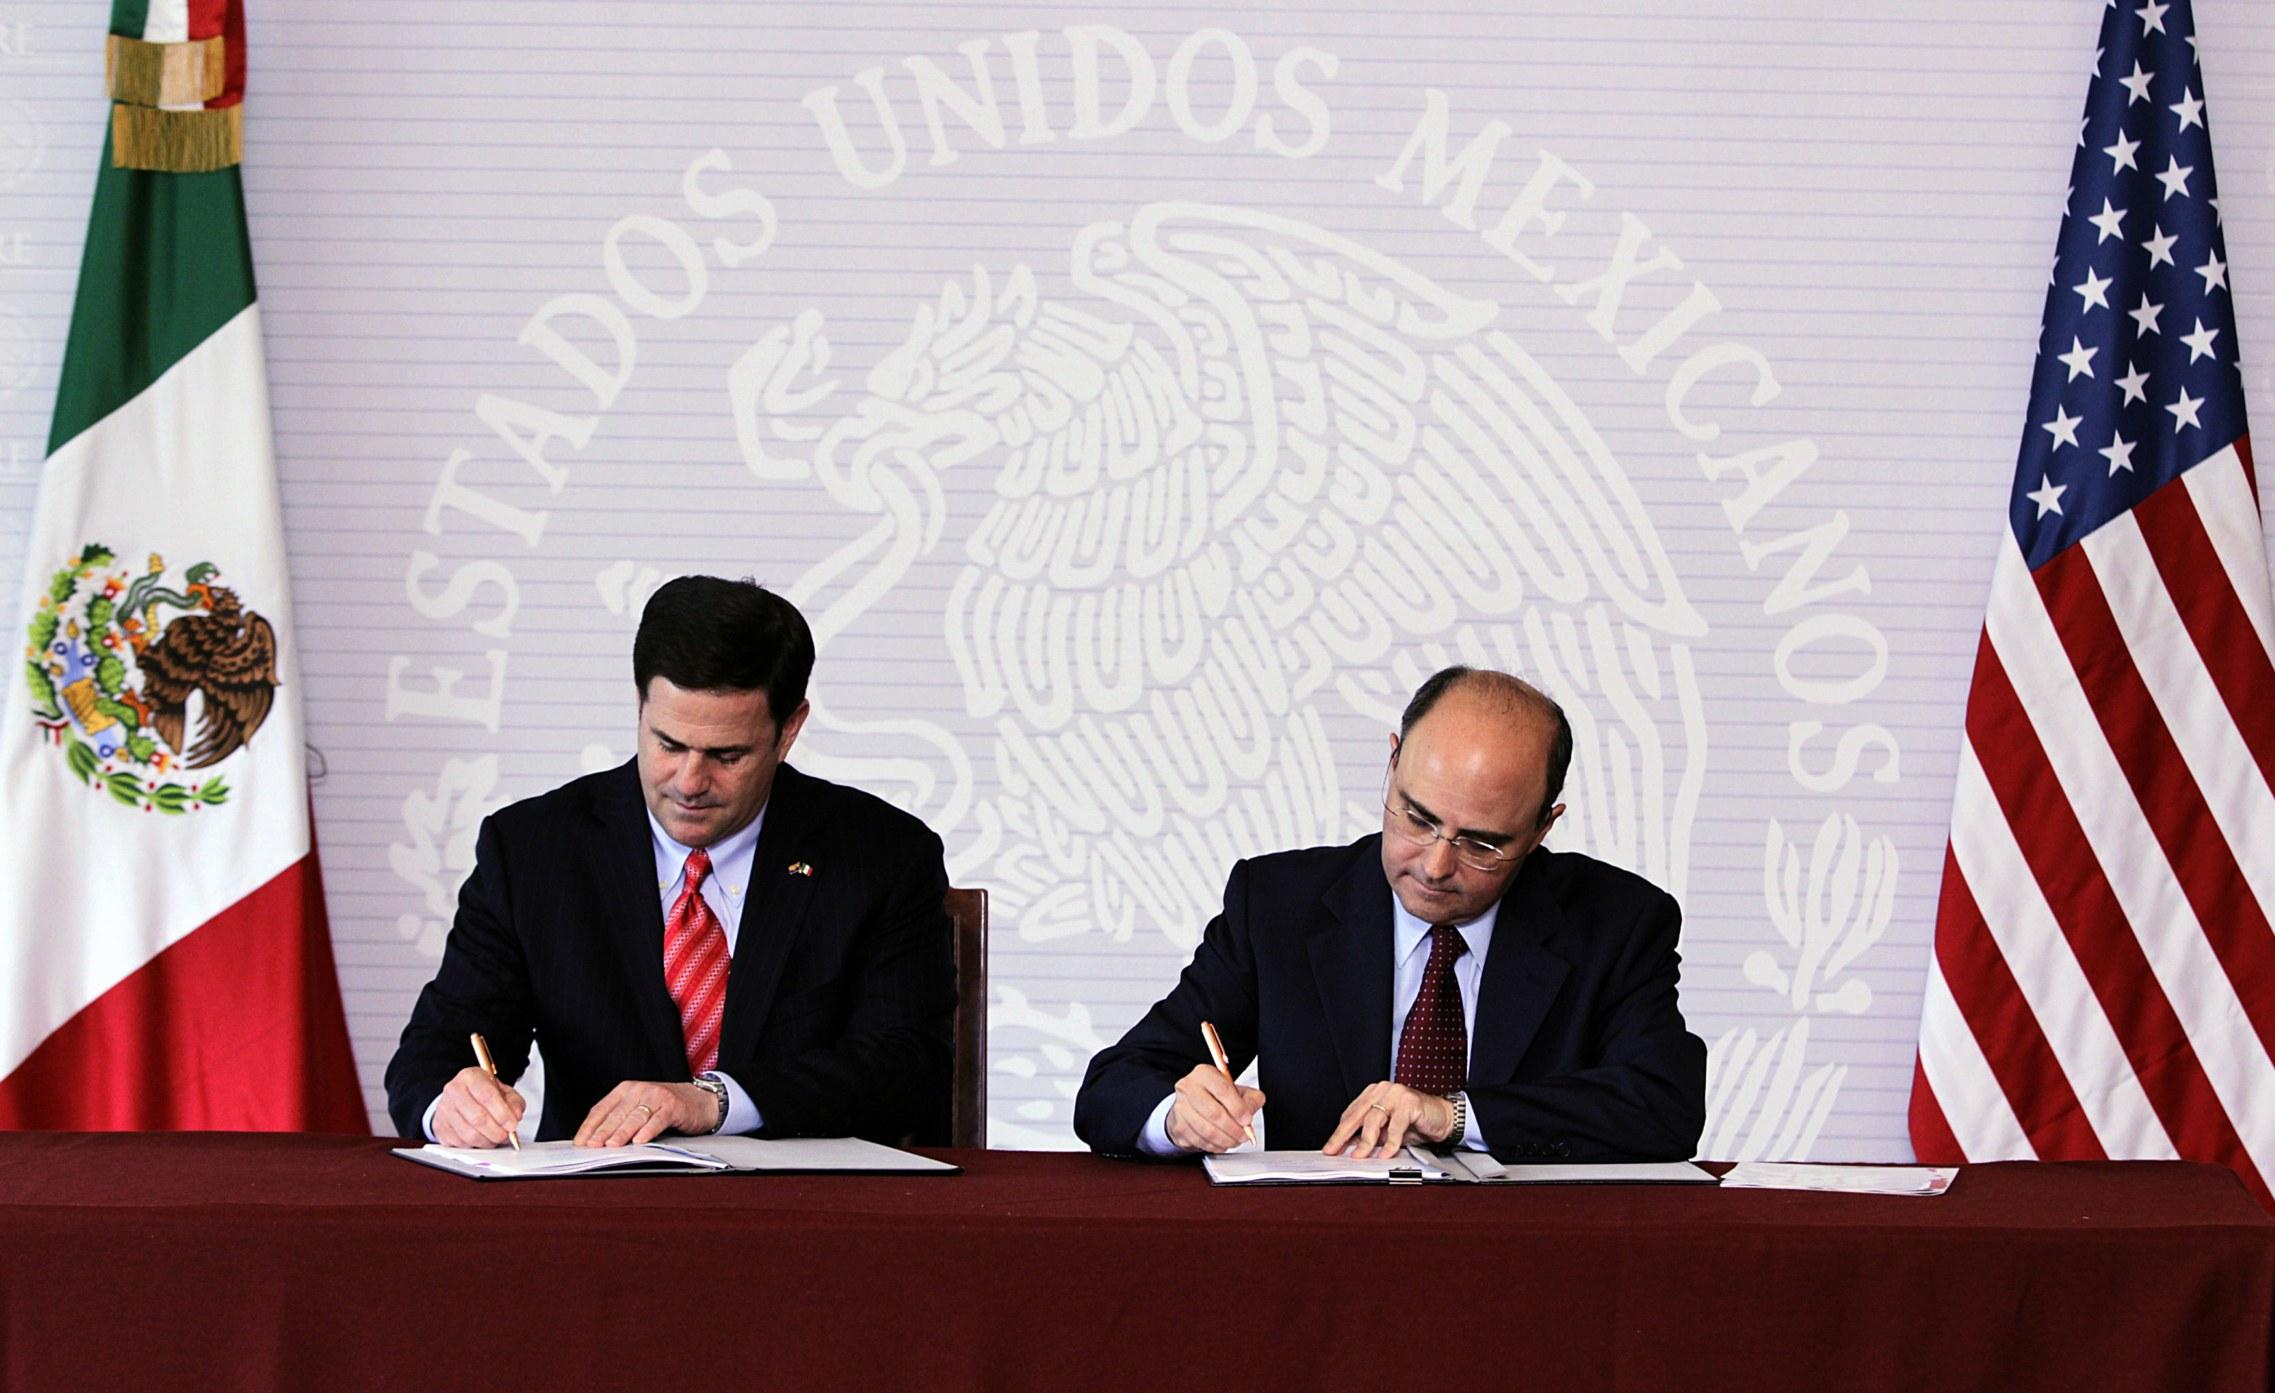 FOTO 1 Subsecretario Sergio Alcocer con el gobernador de Arizona  Doug Duceyjpg